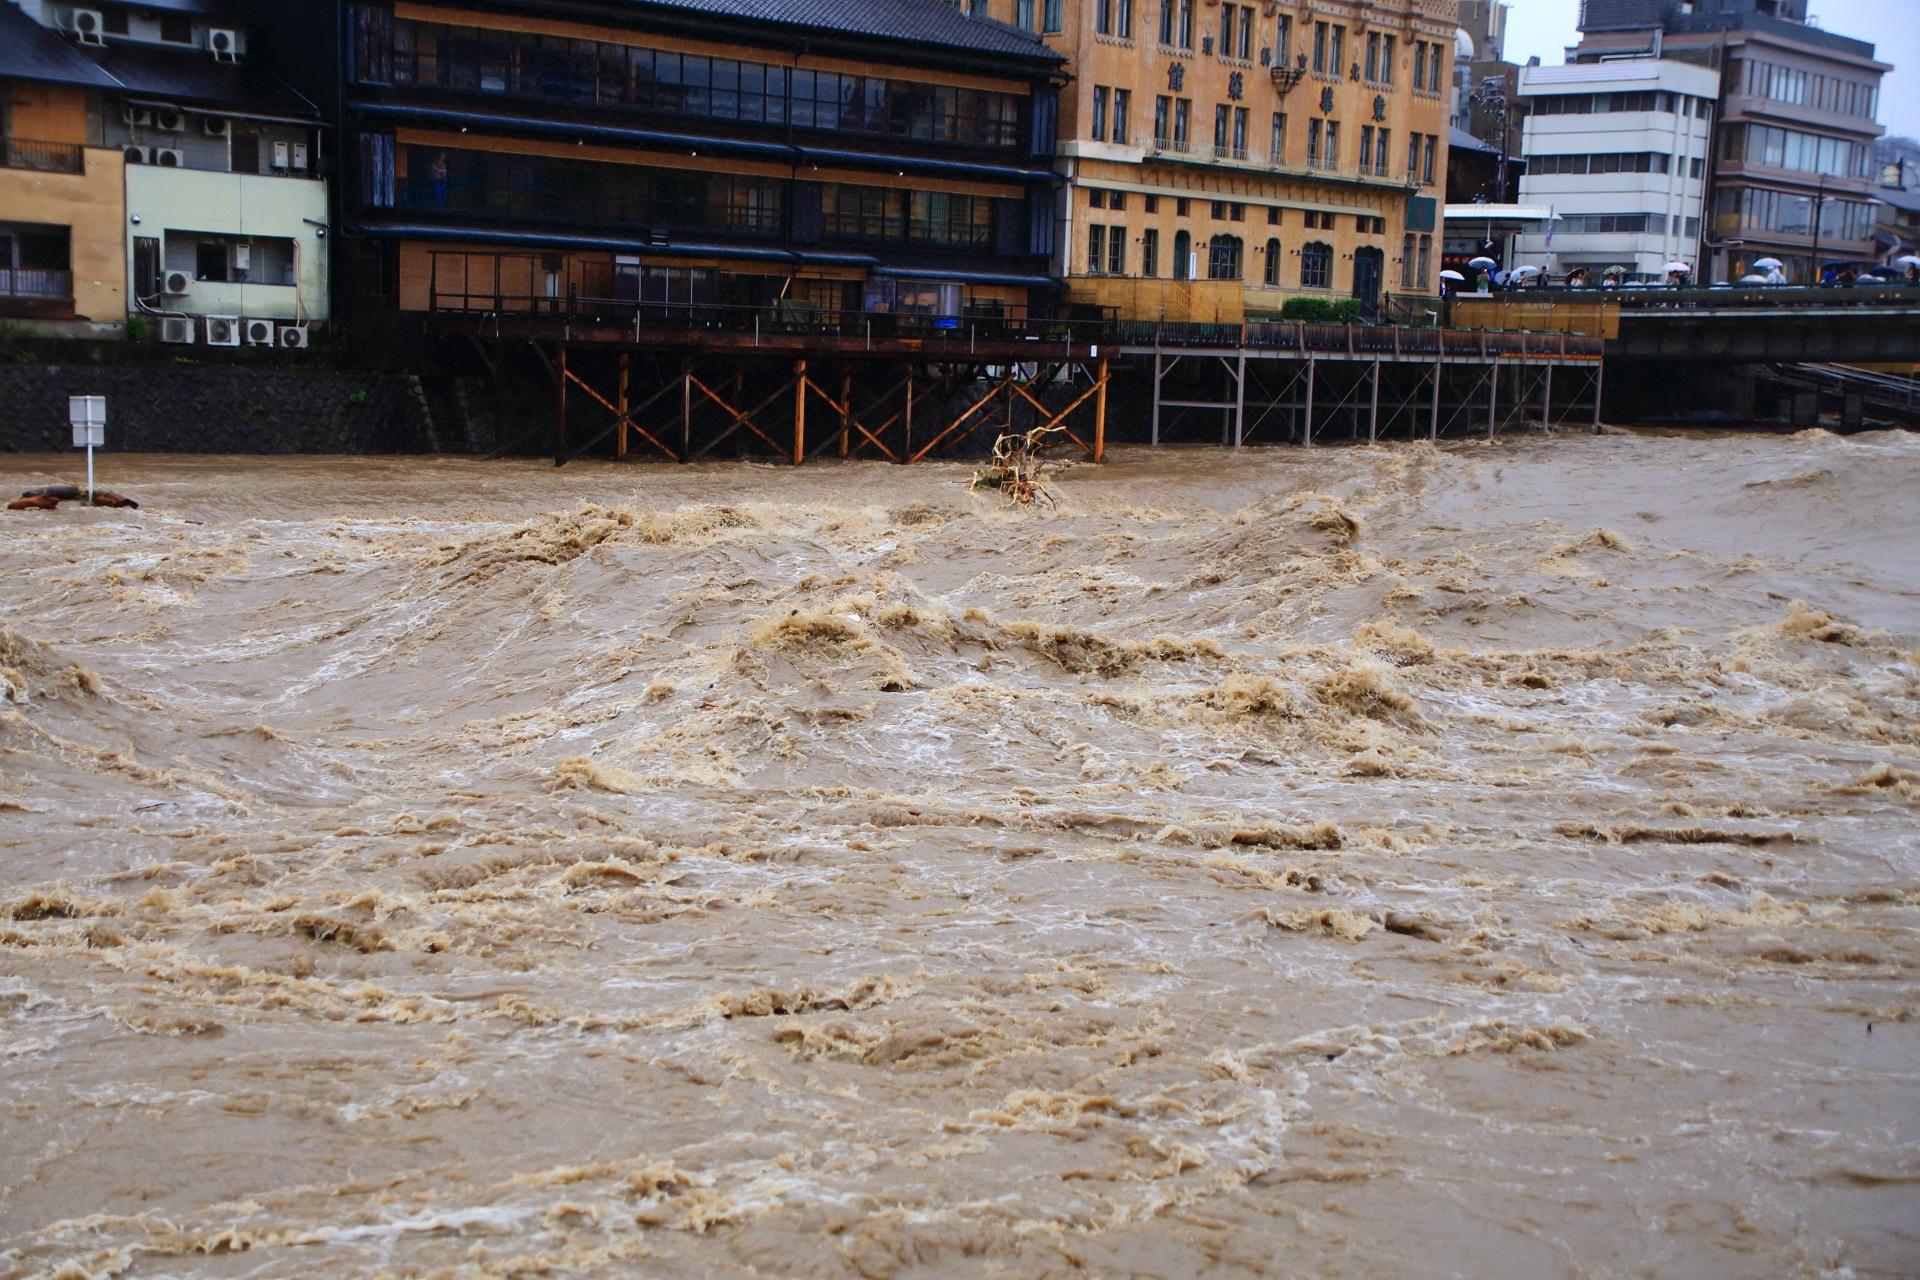 台風と前線の影響による豪雨で自然の驚異にさらされる激流の鴨川